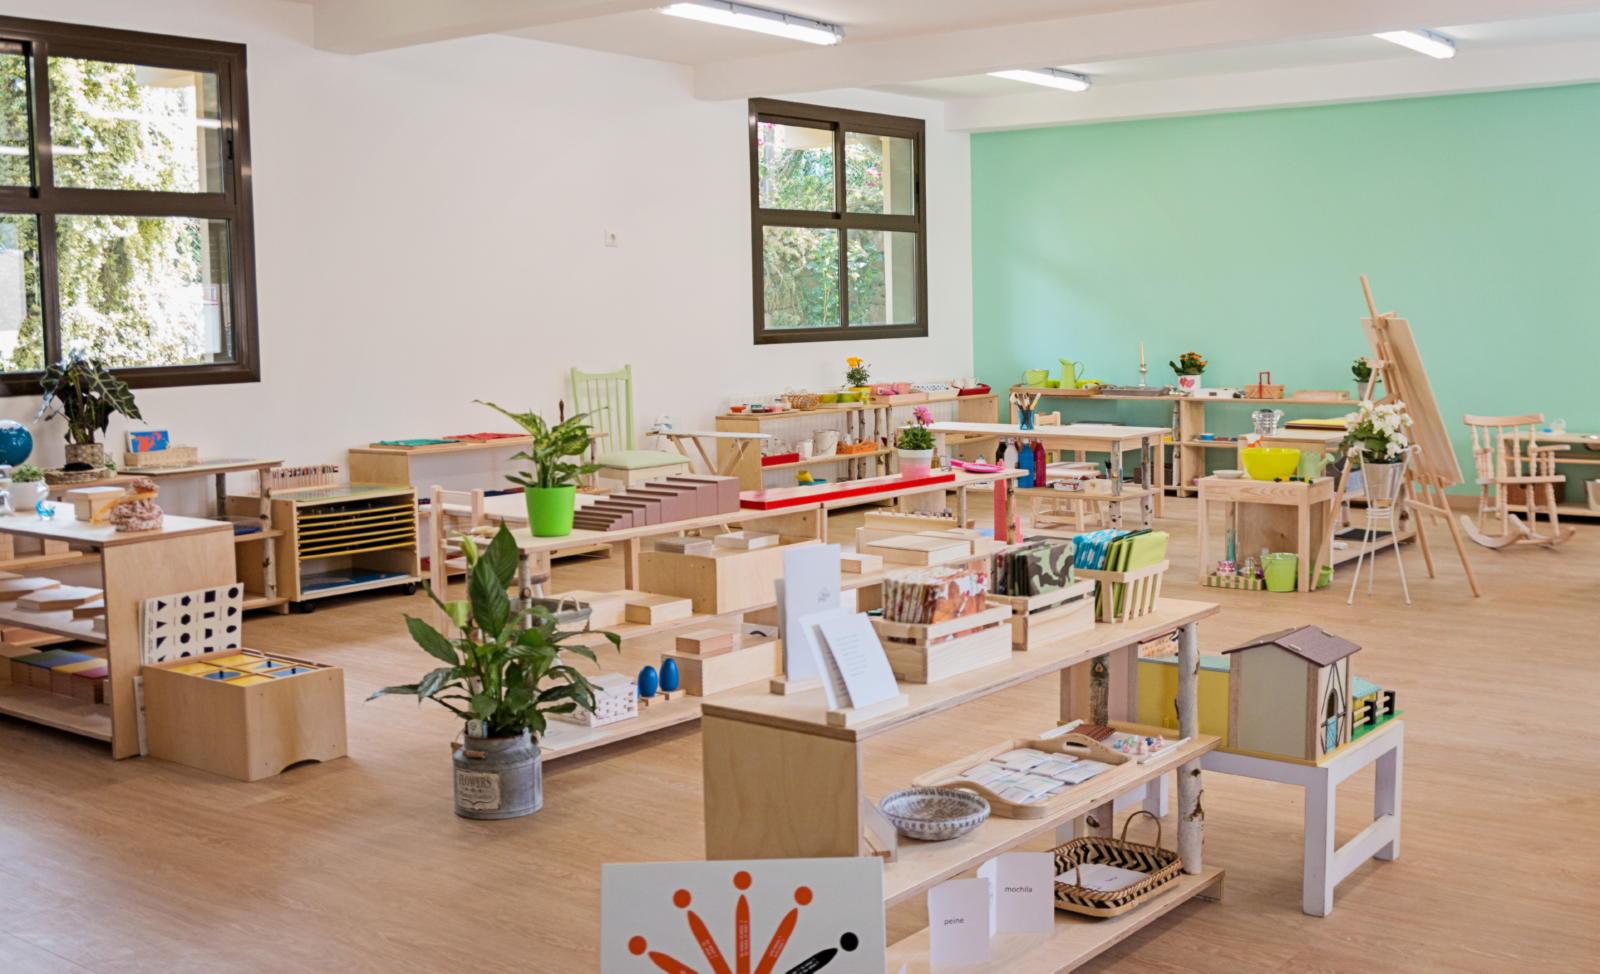 Aula 3 a 6 años: Casa de niños